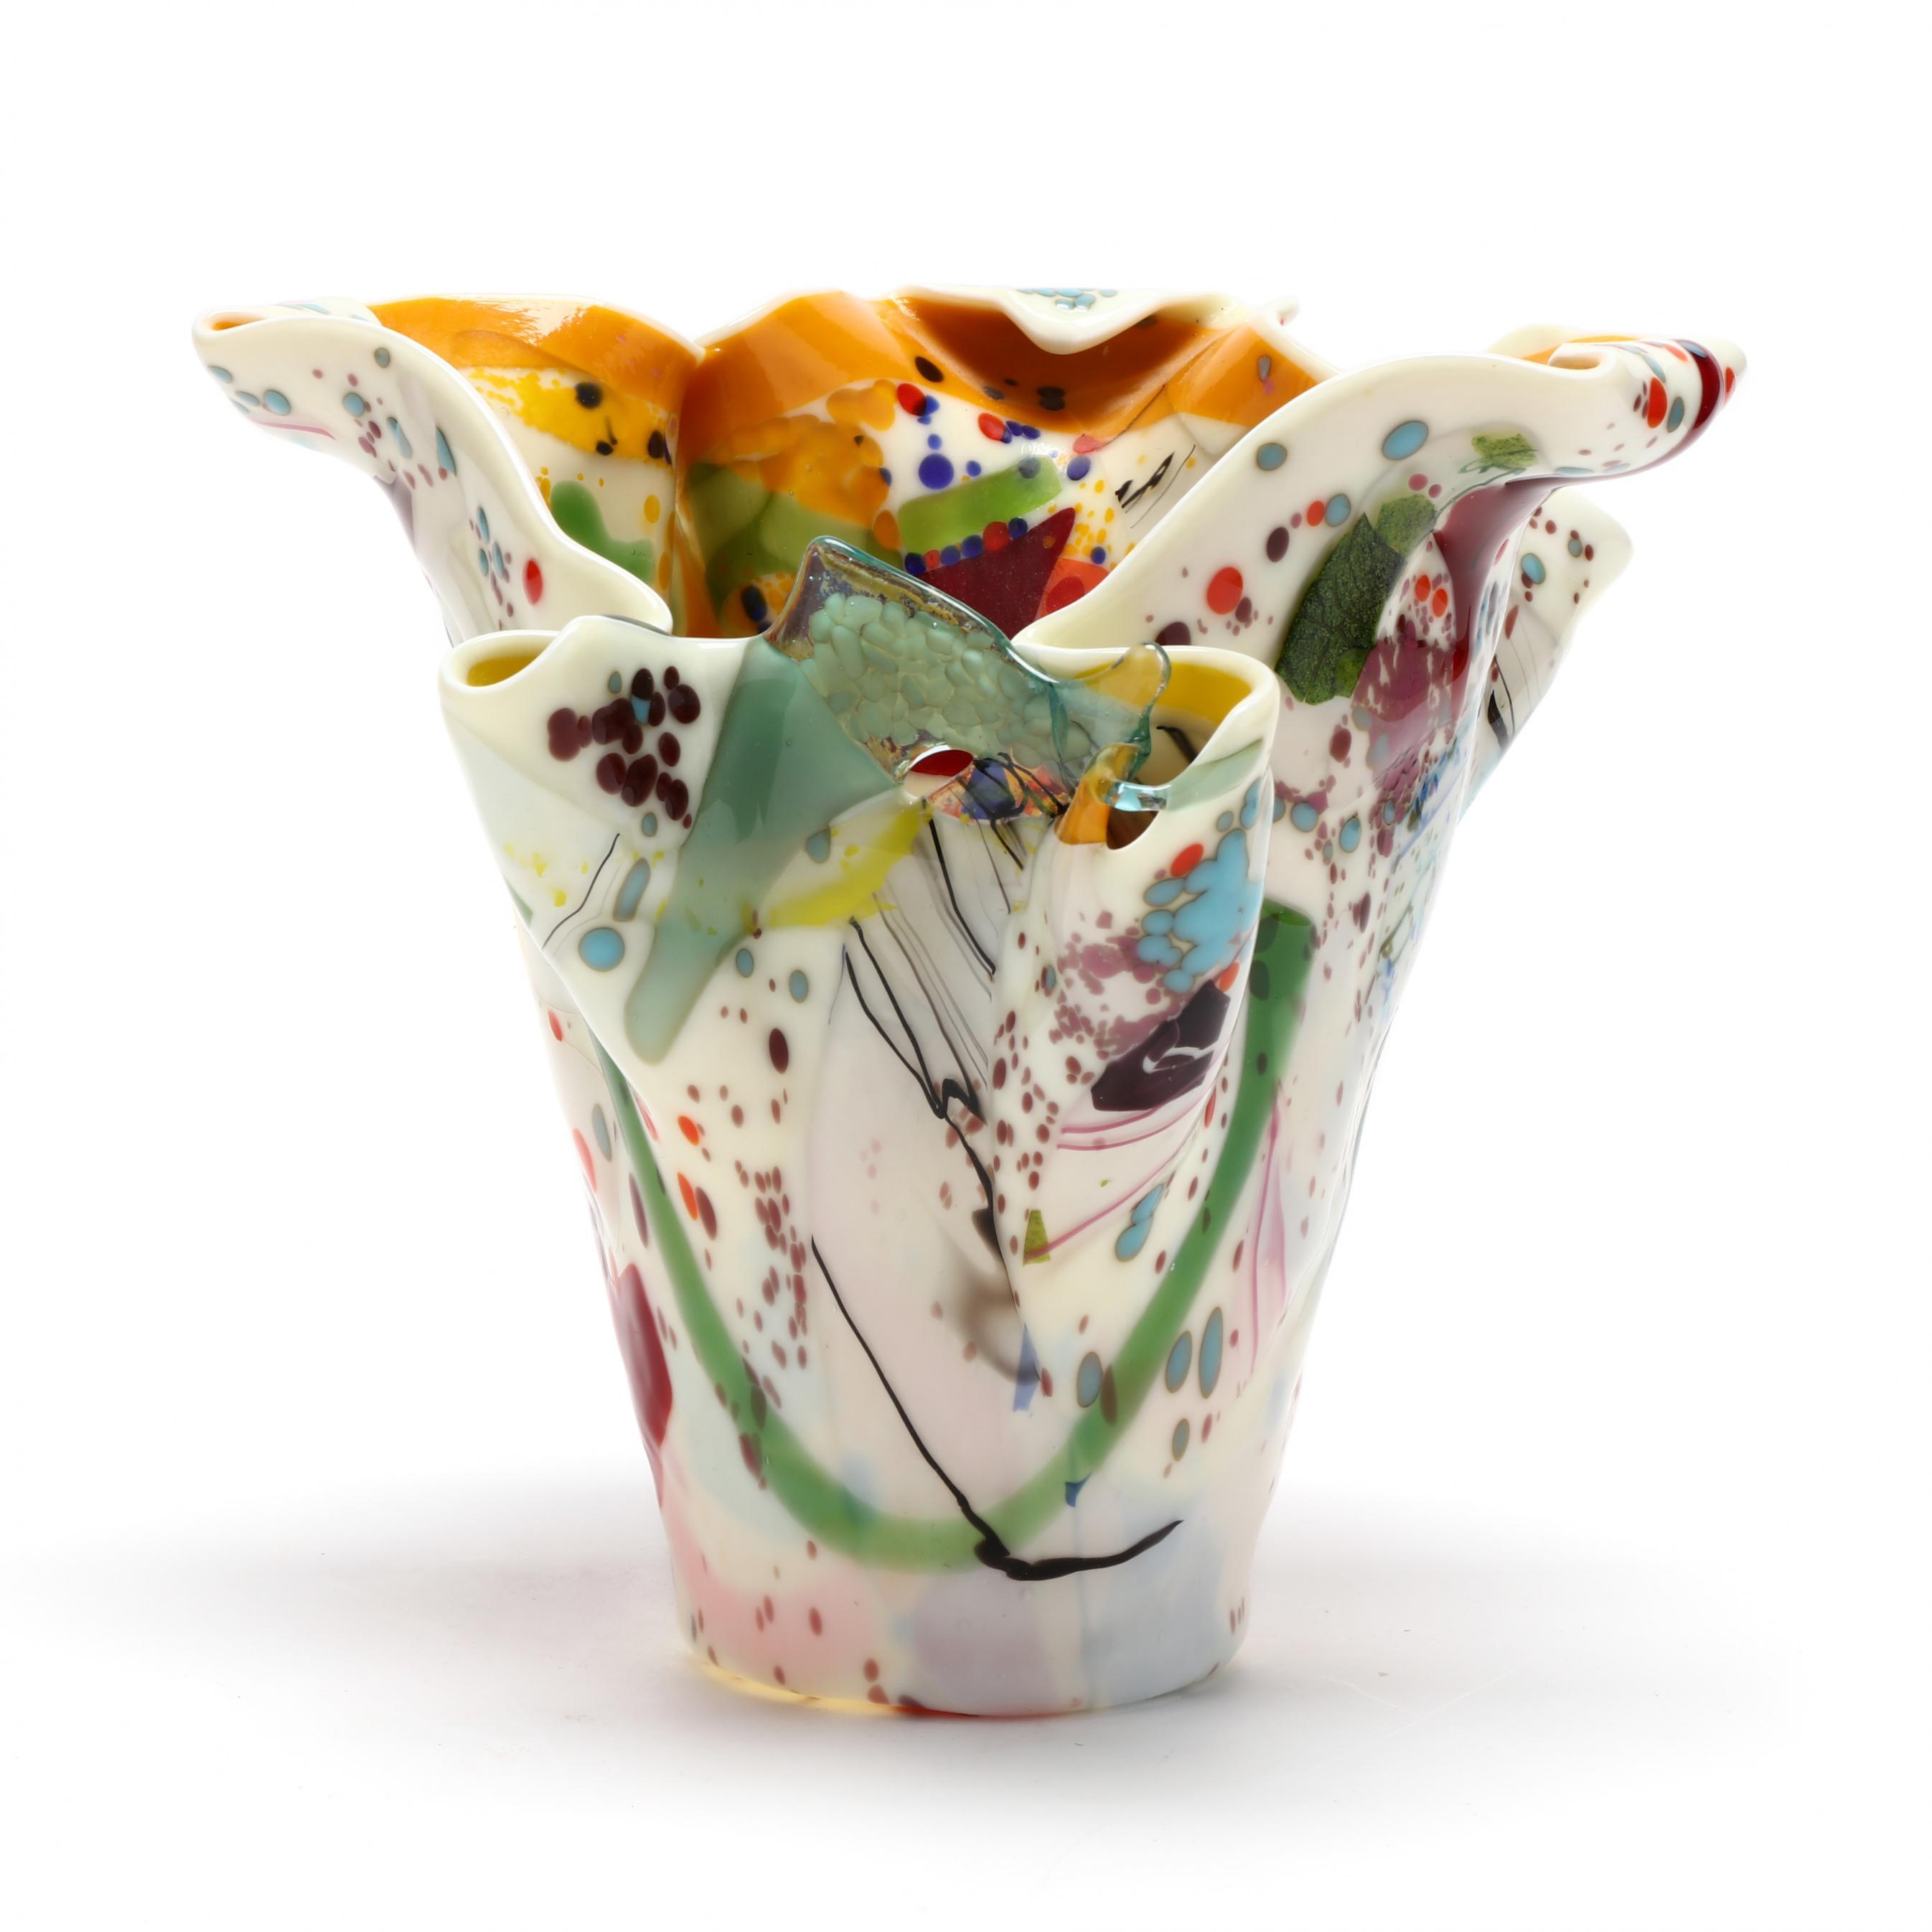 confetti-art-glass-vase